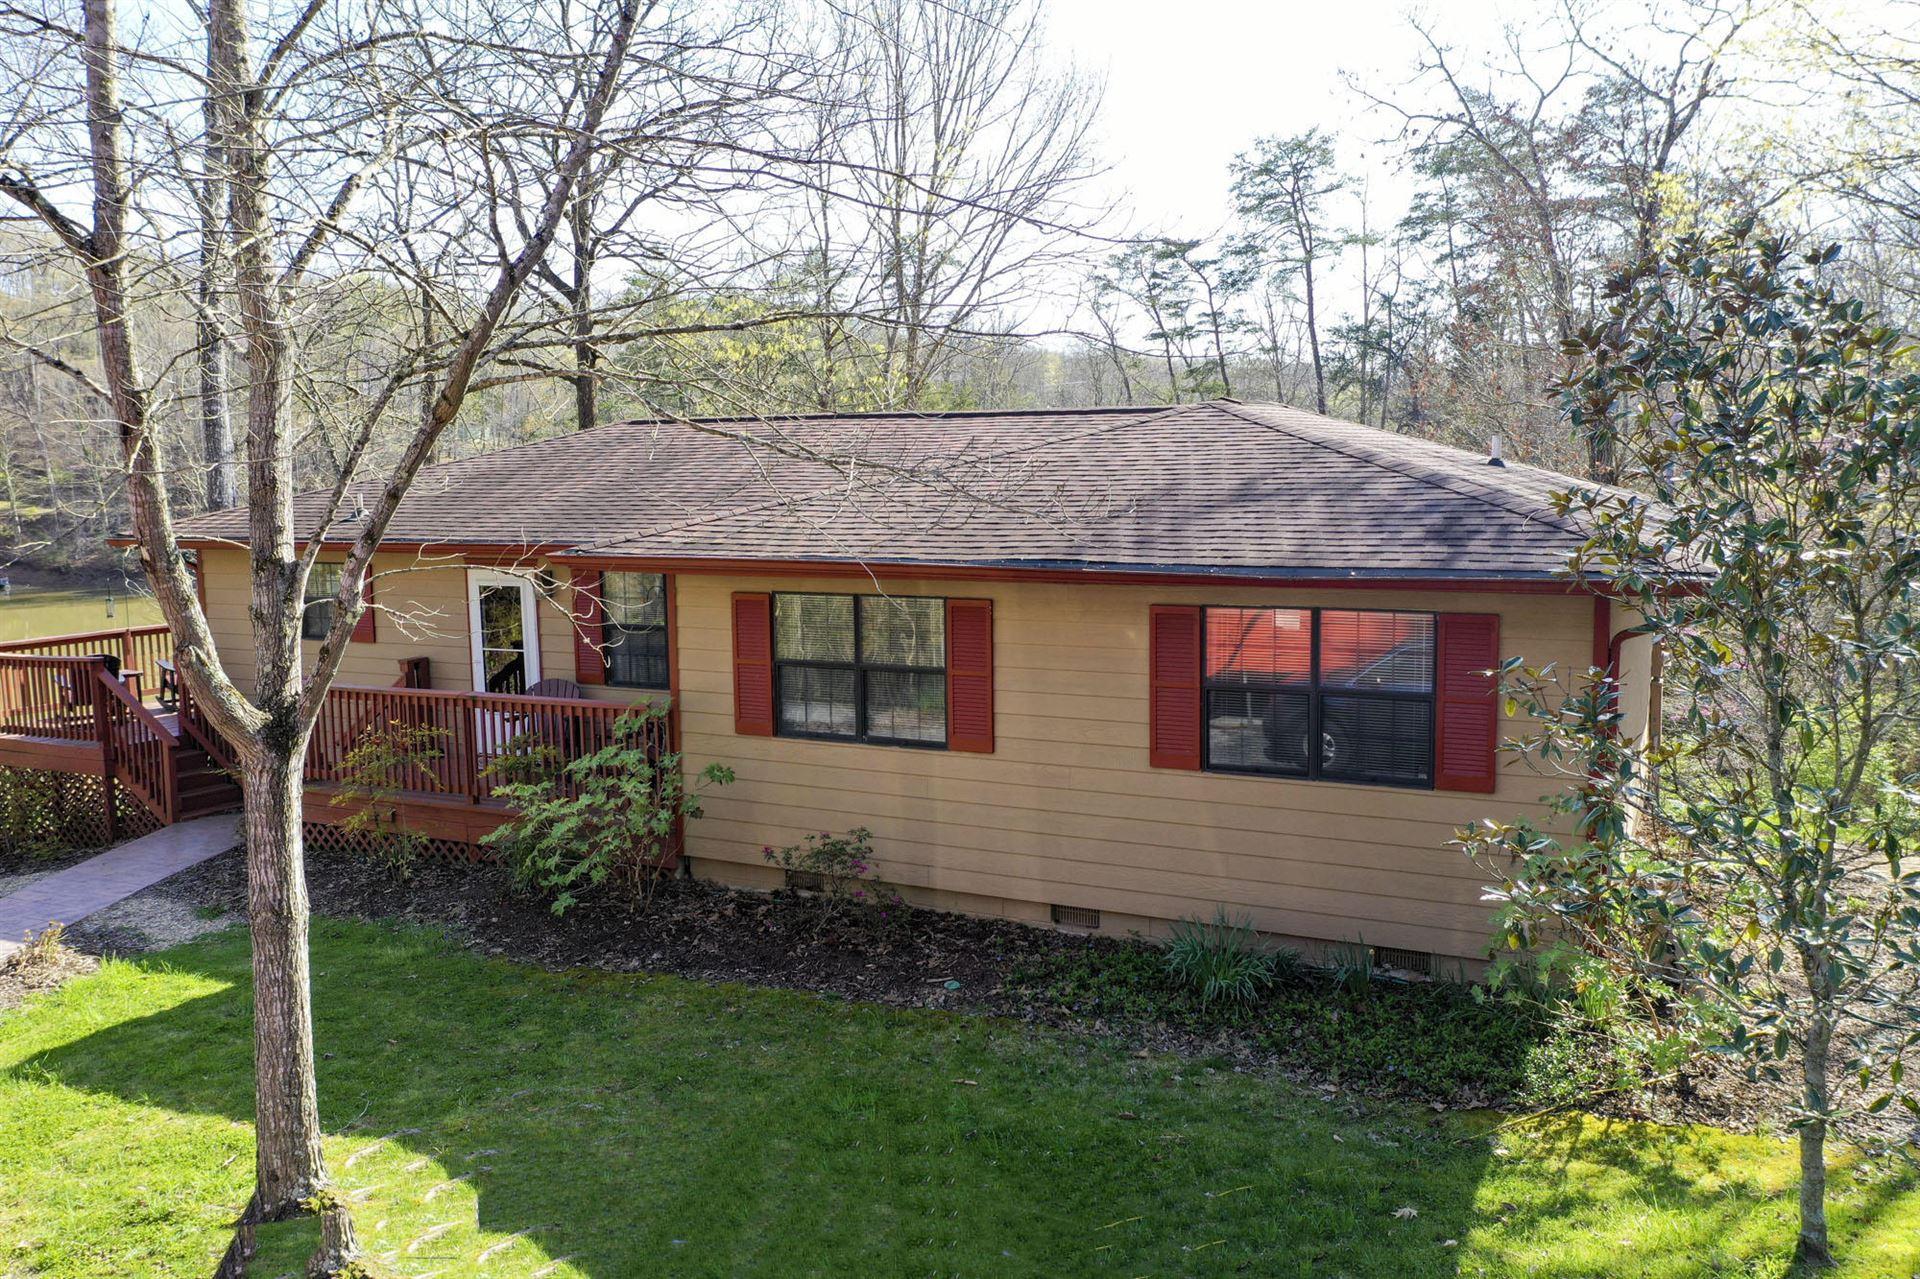 Photo for 1852 Chestnut Hill Rd Rd, Dandridge, TN 37725 (MLS # 1148444)